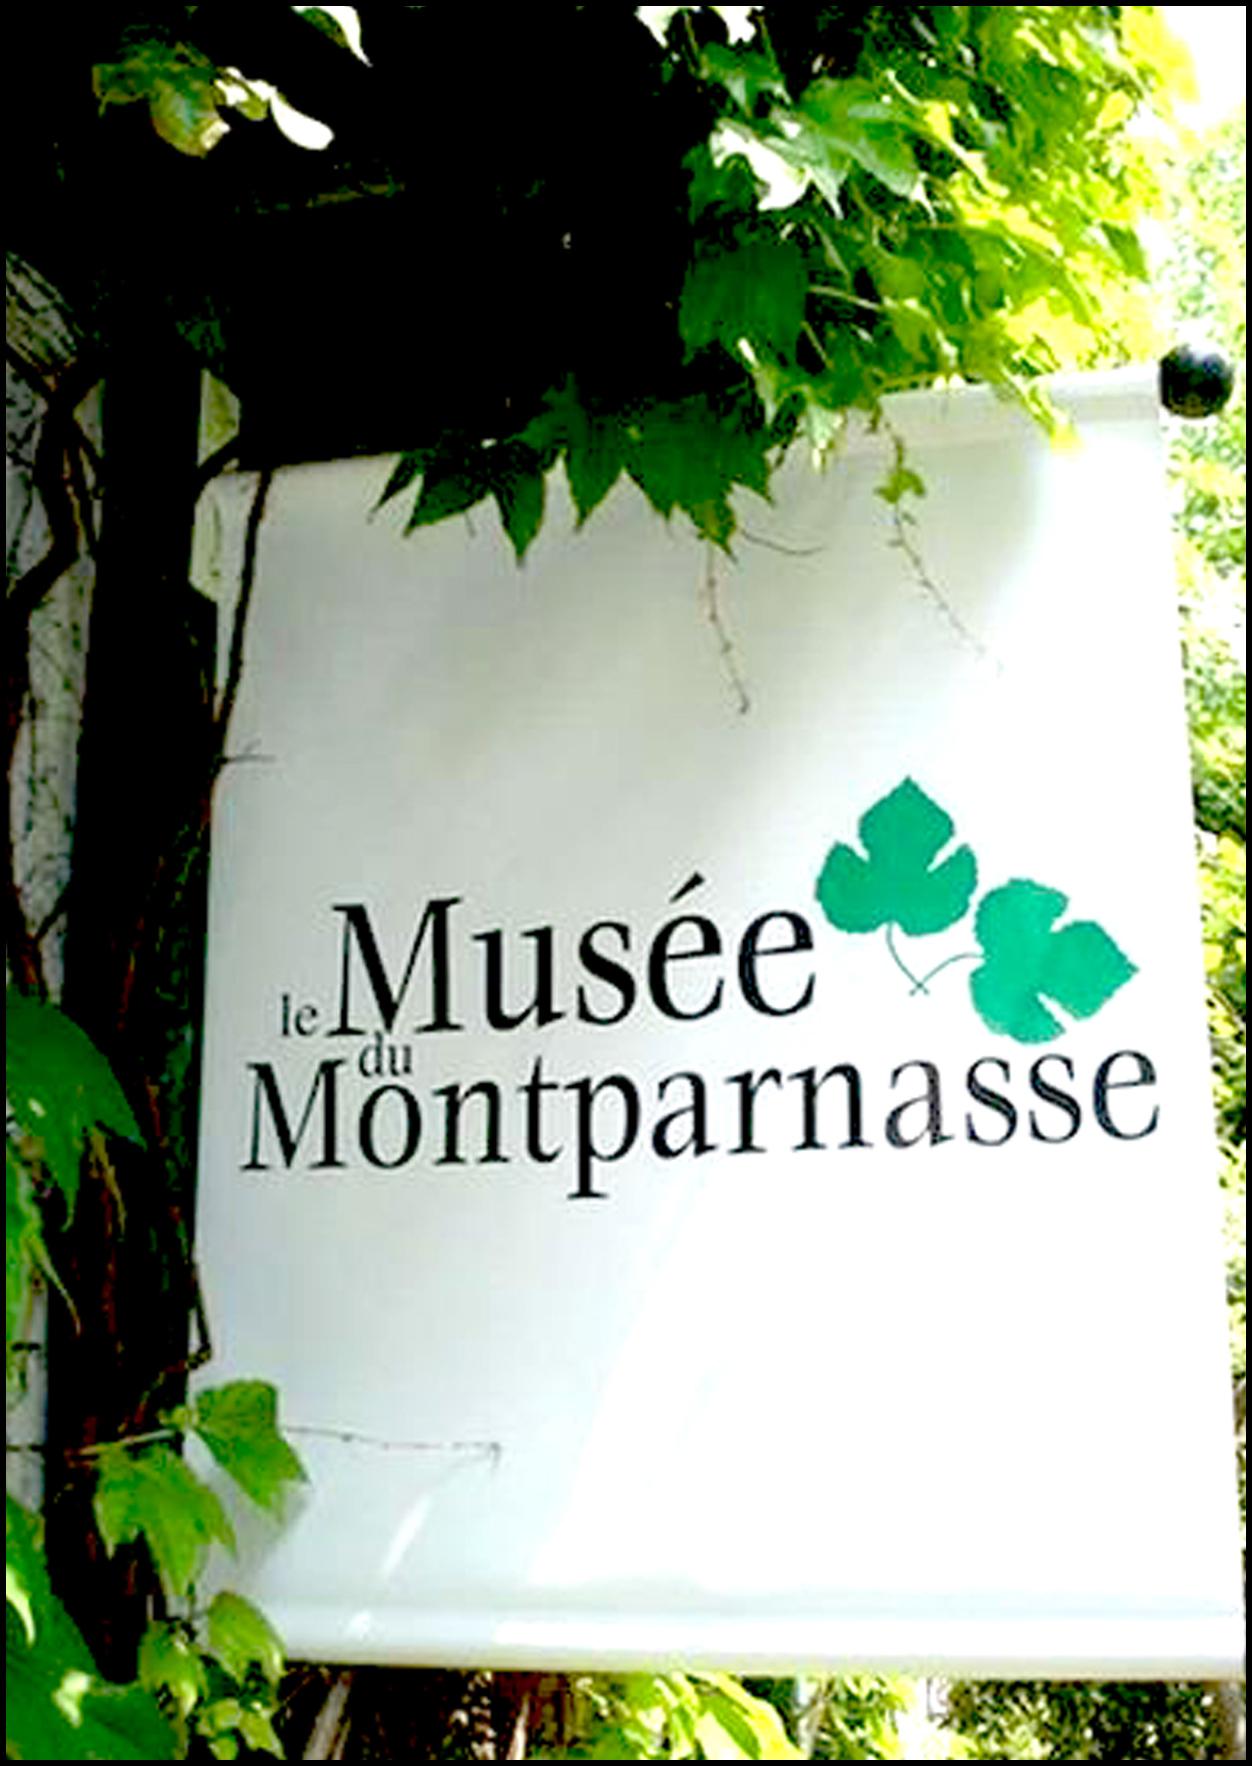 Musee du MP - PARIS, FRANCEExpo: 25/01/2012 - 29/01/2012Vernissage: 25/01/2012 (14h00-18h00)